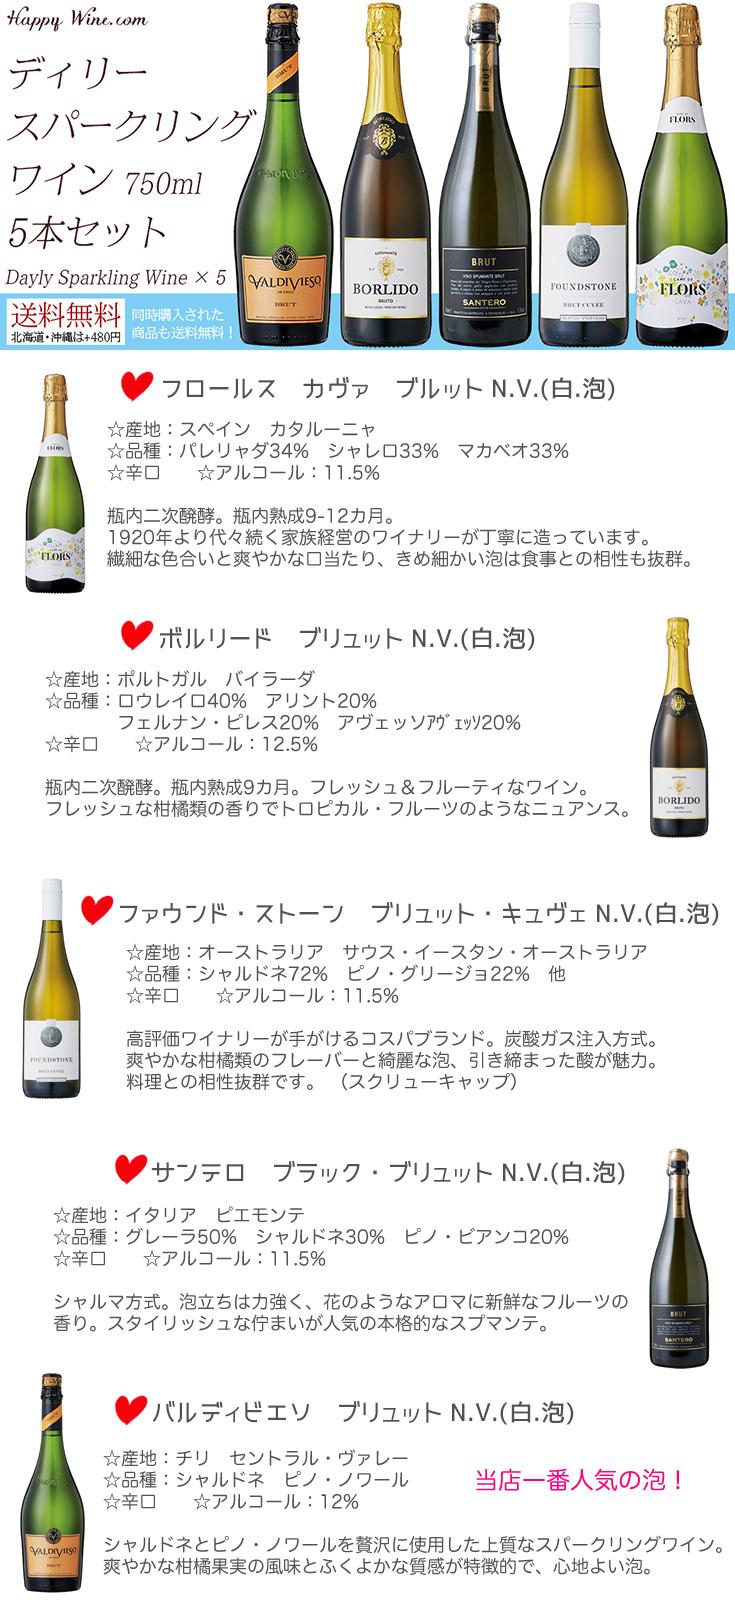 【送料無料】デイリー・スパークリングワイン 750ml×5本セット (北海道・沖縄は送料480円注文後に追加)